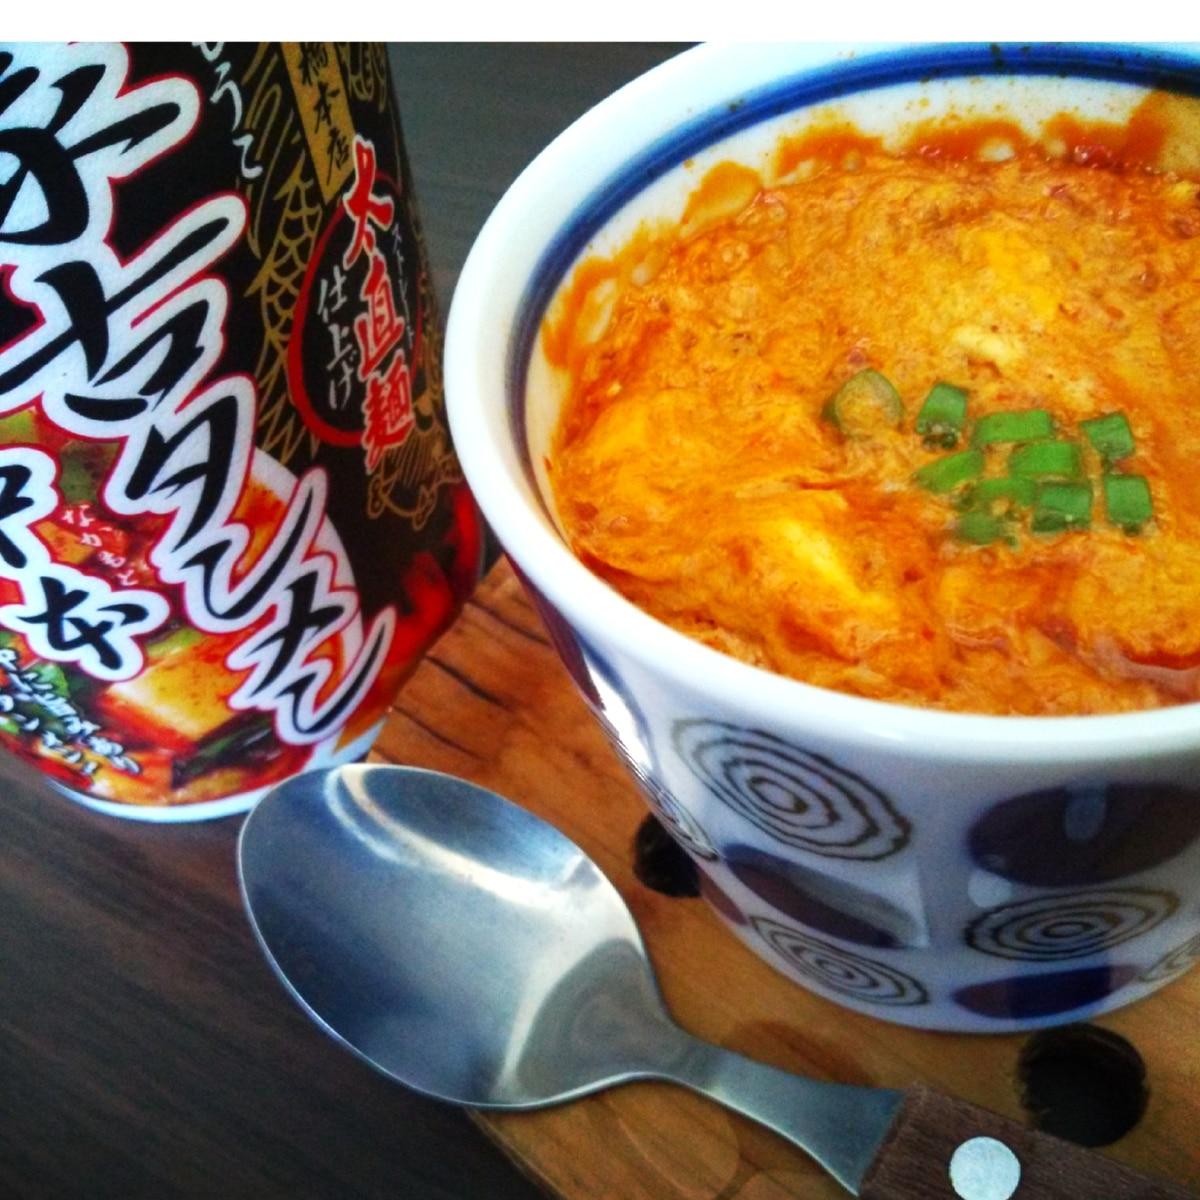 麺 茶碗蒸し カップ